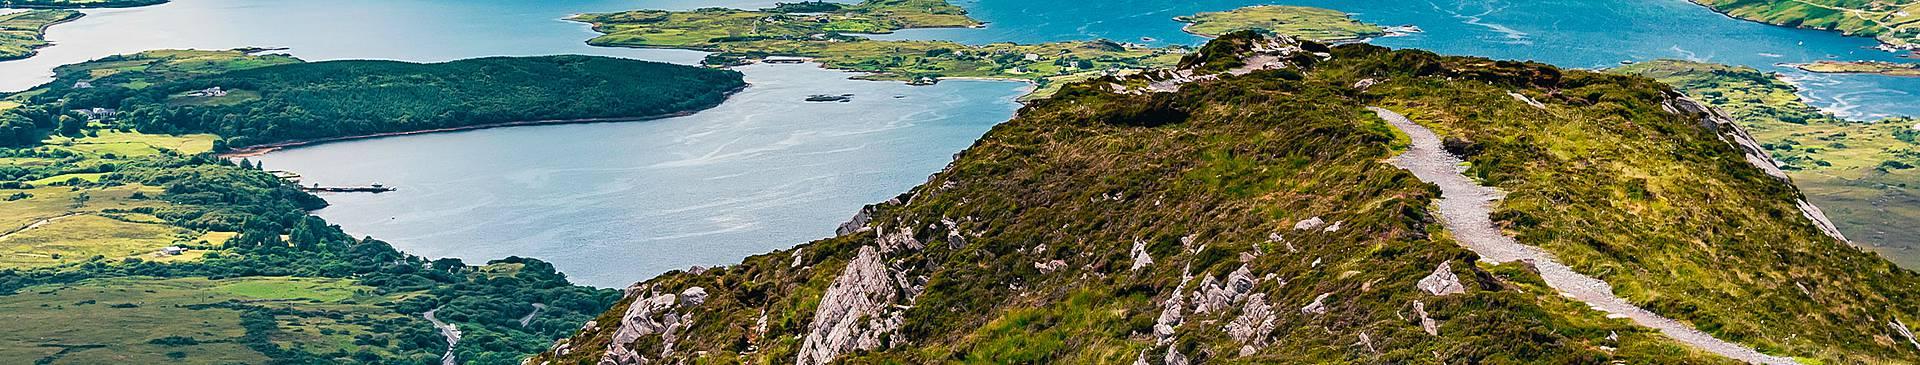 Voyage nature en Irlande